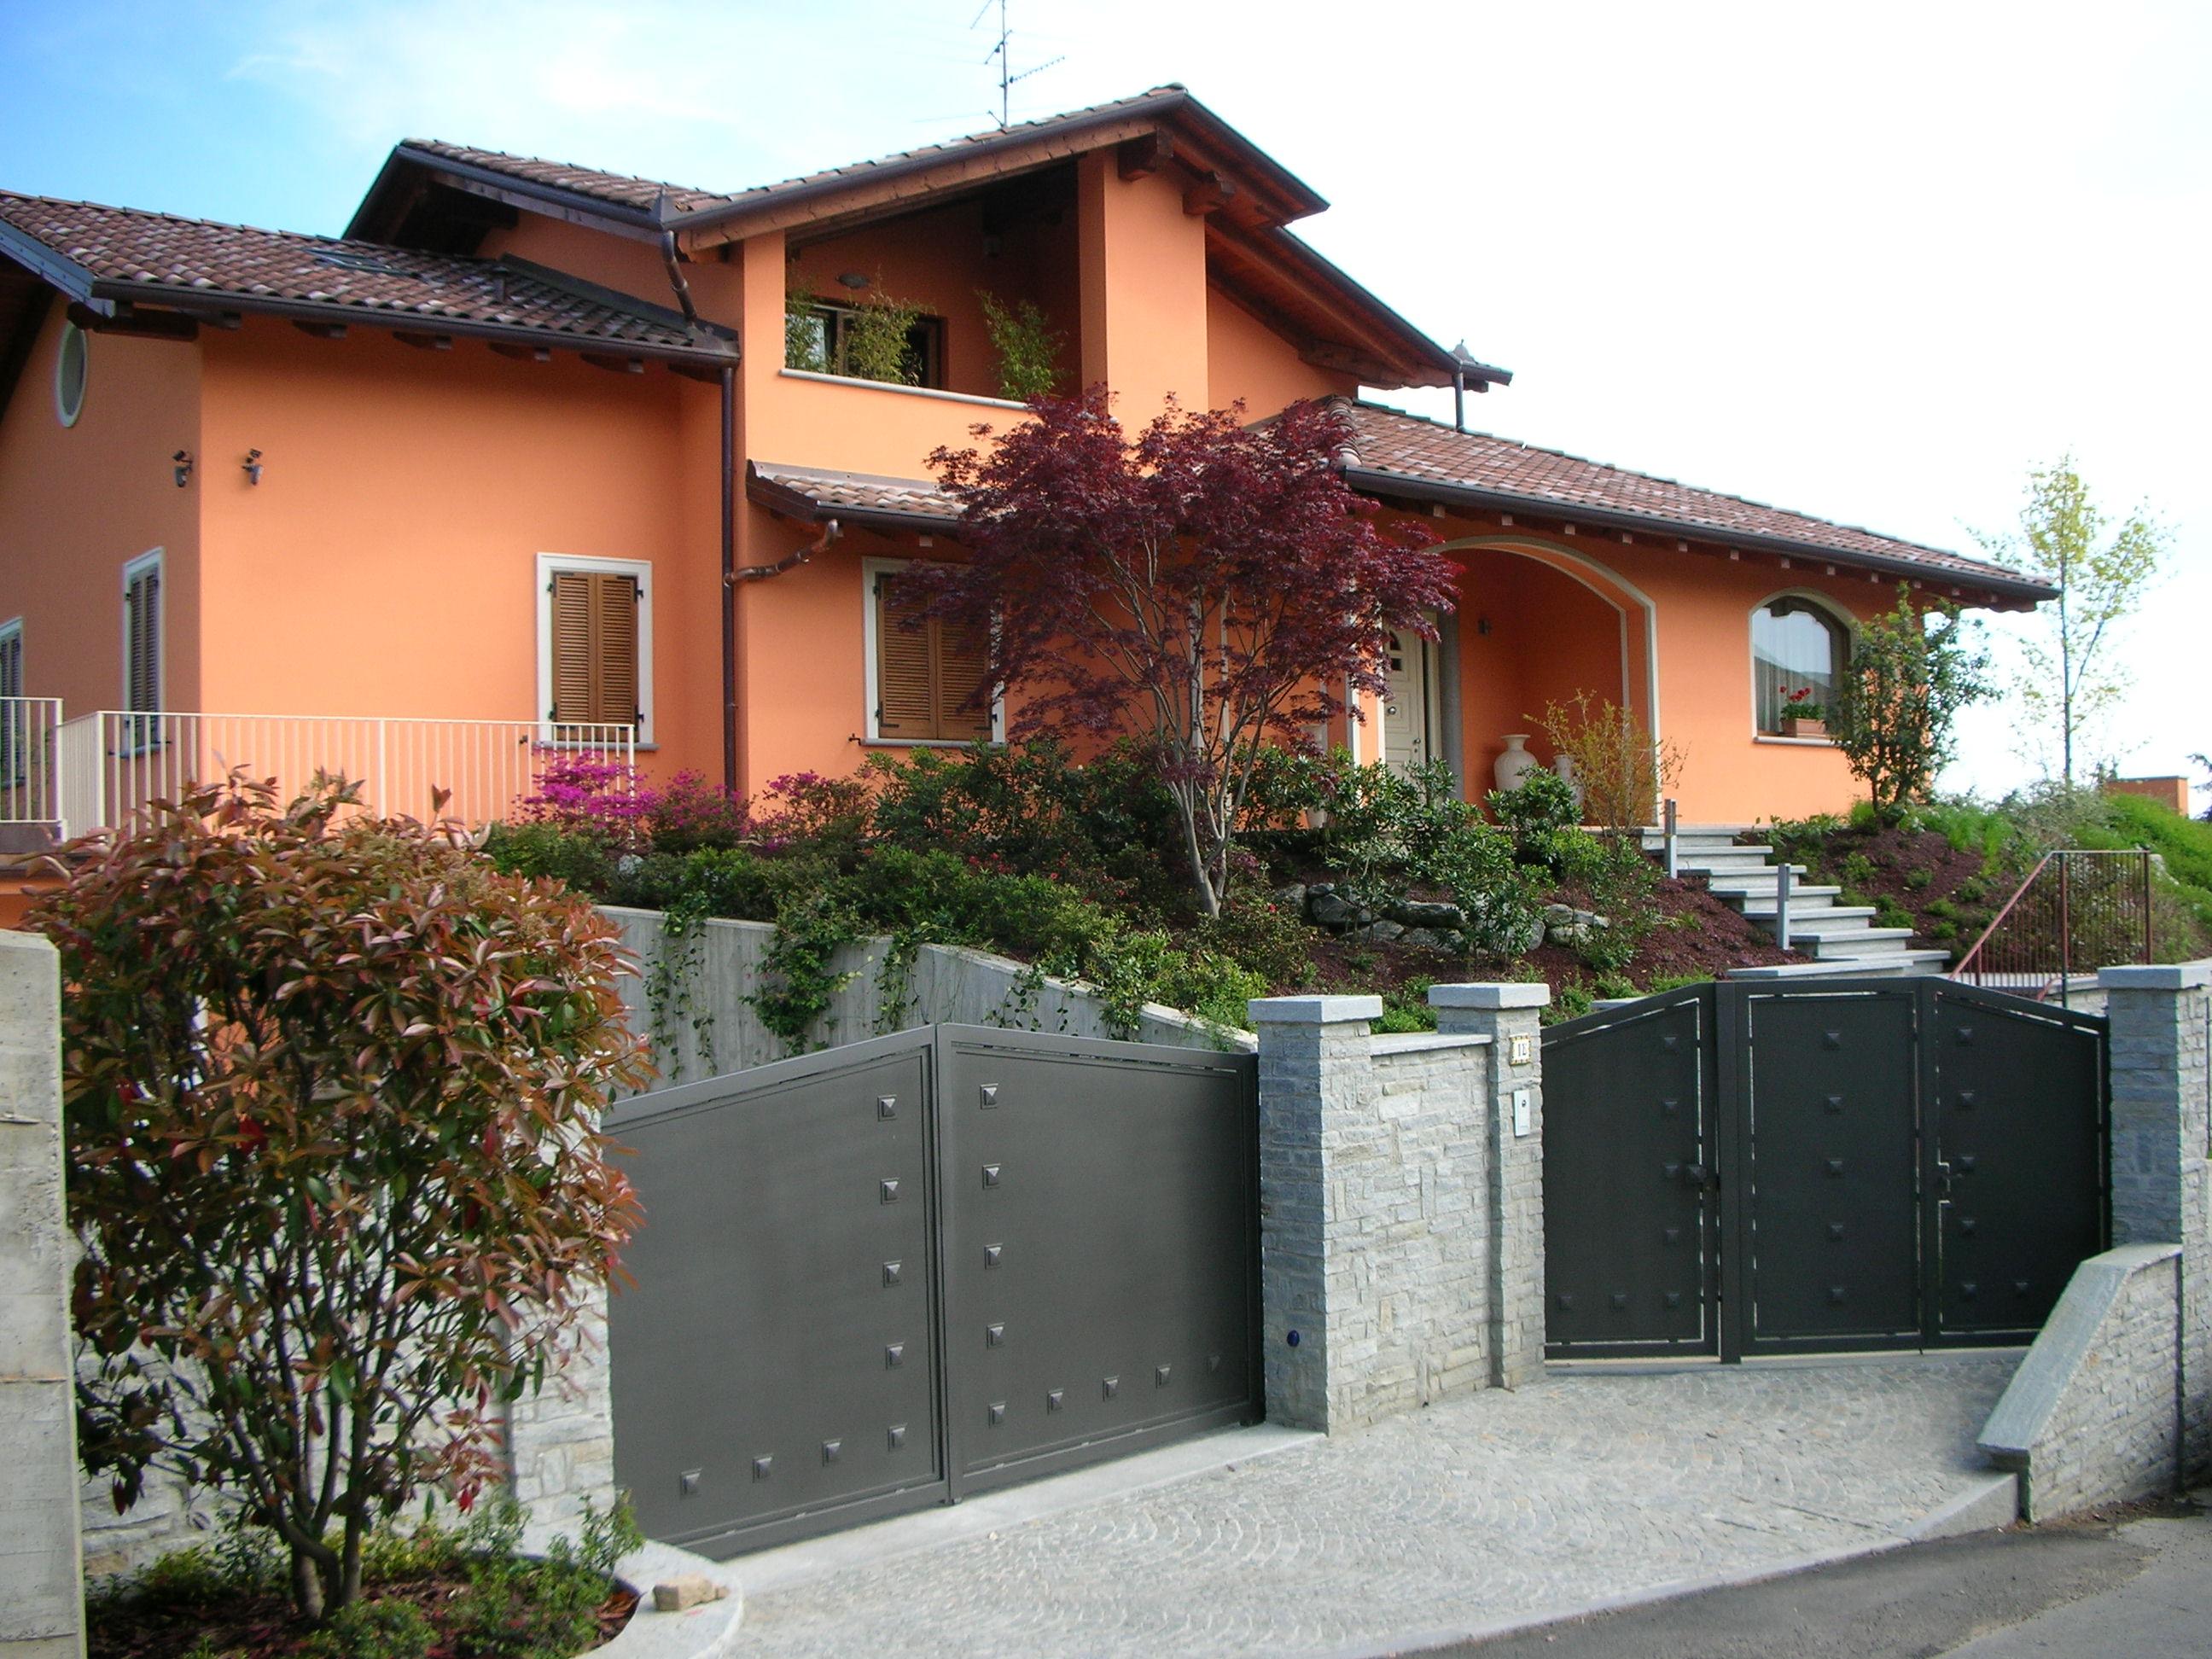 Progettazione Interni La casa Gilardino...  Archimede Arredi